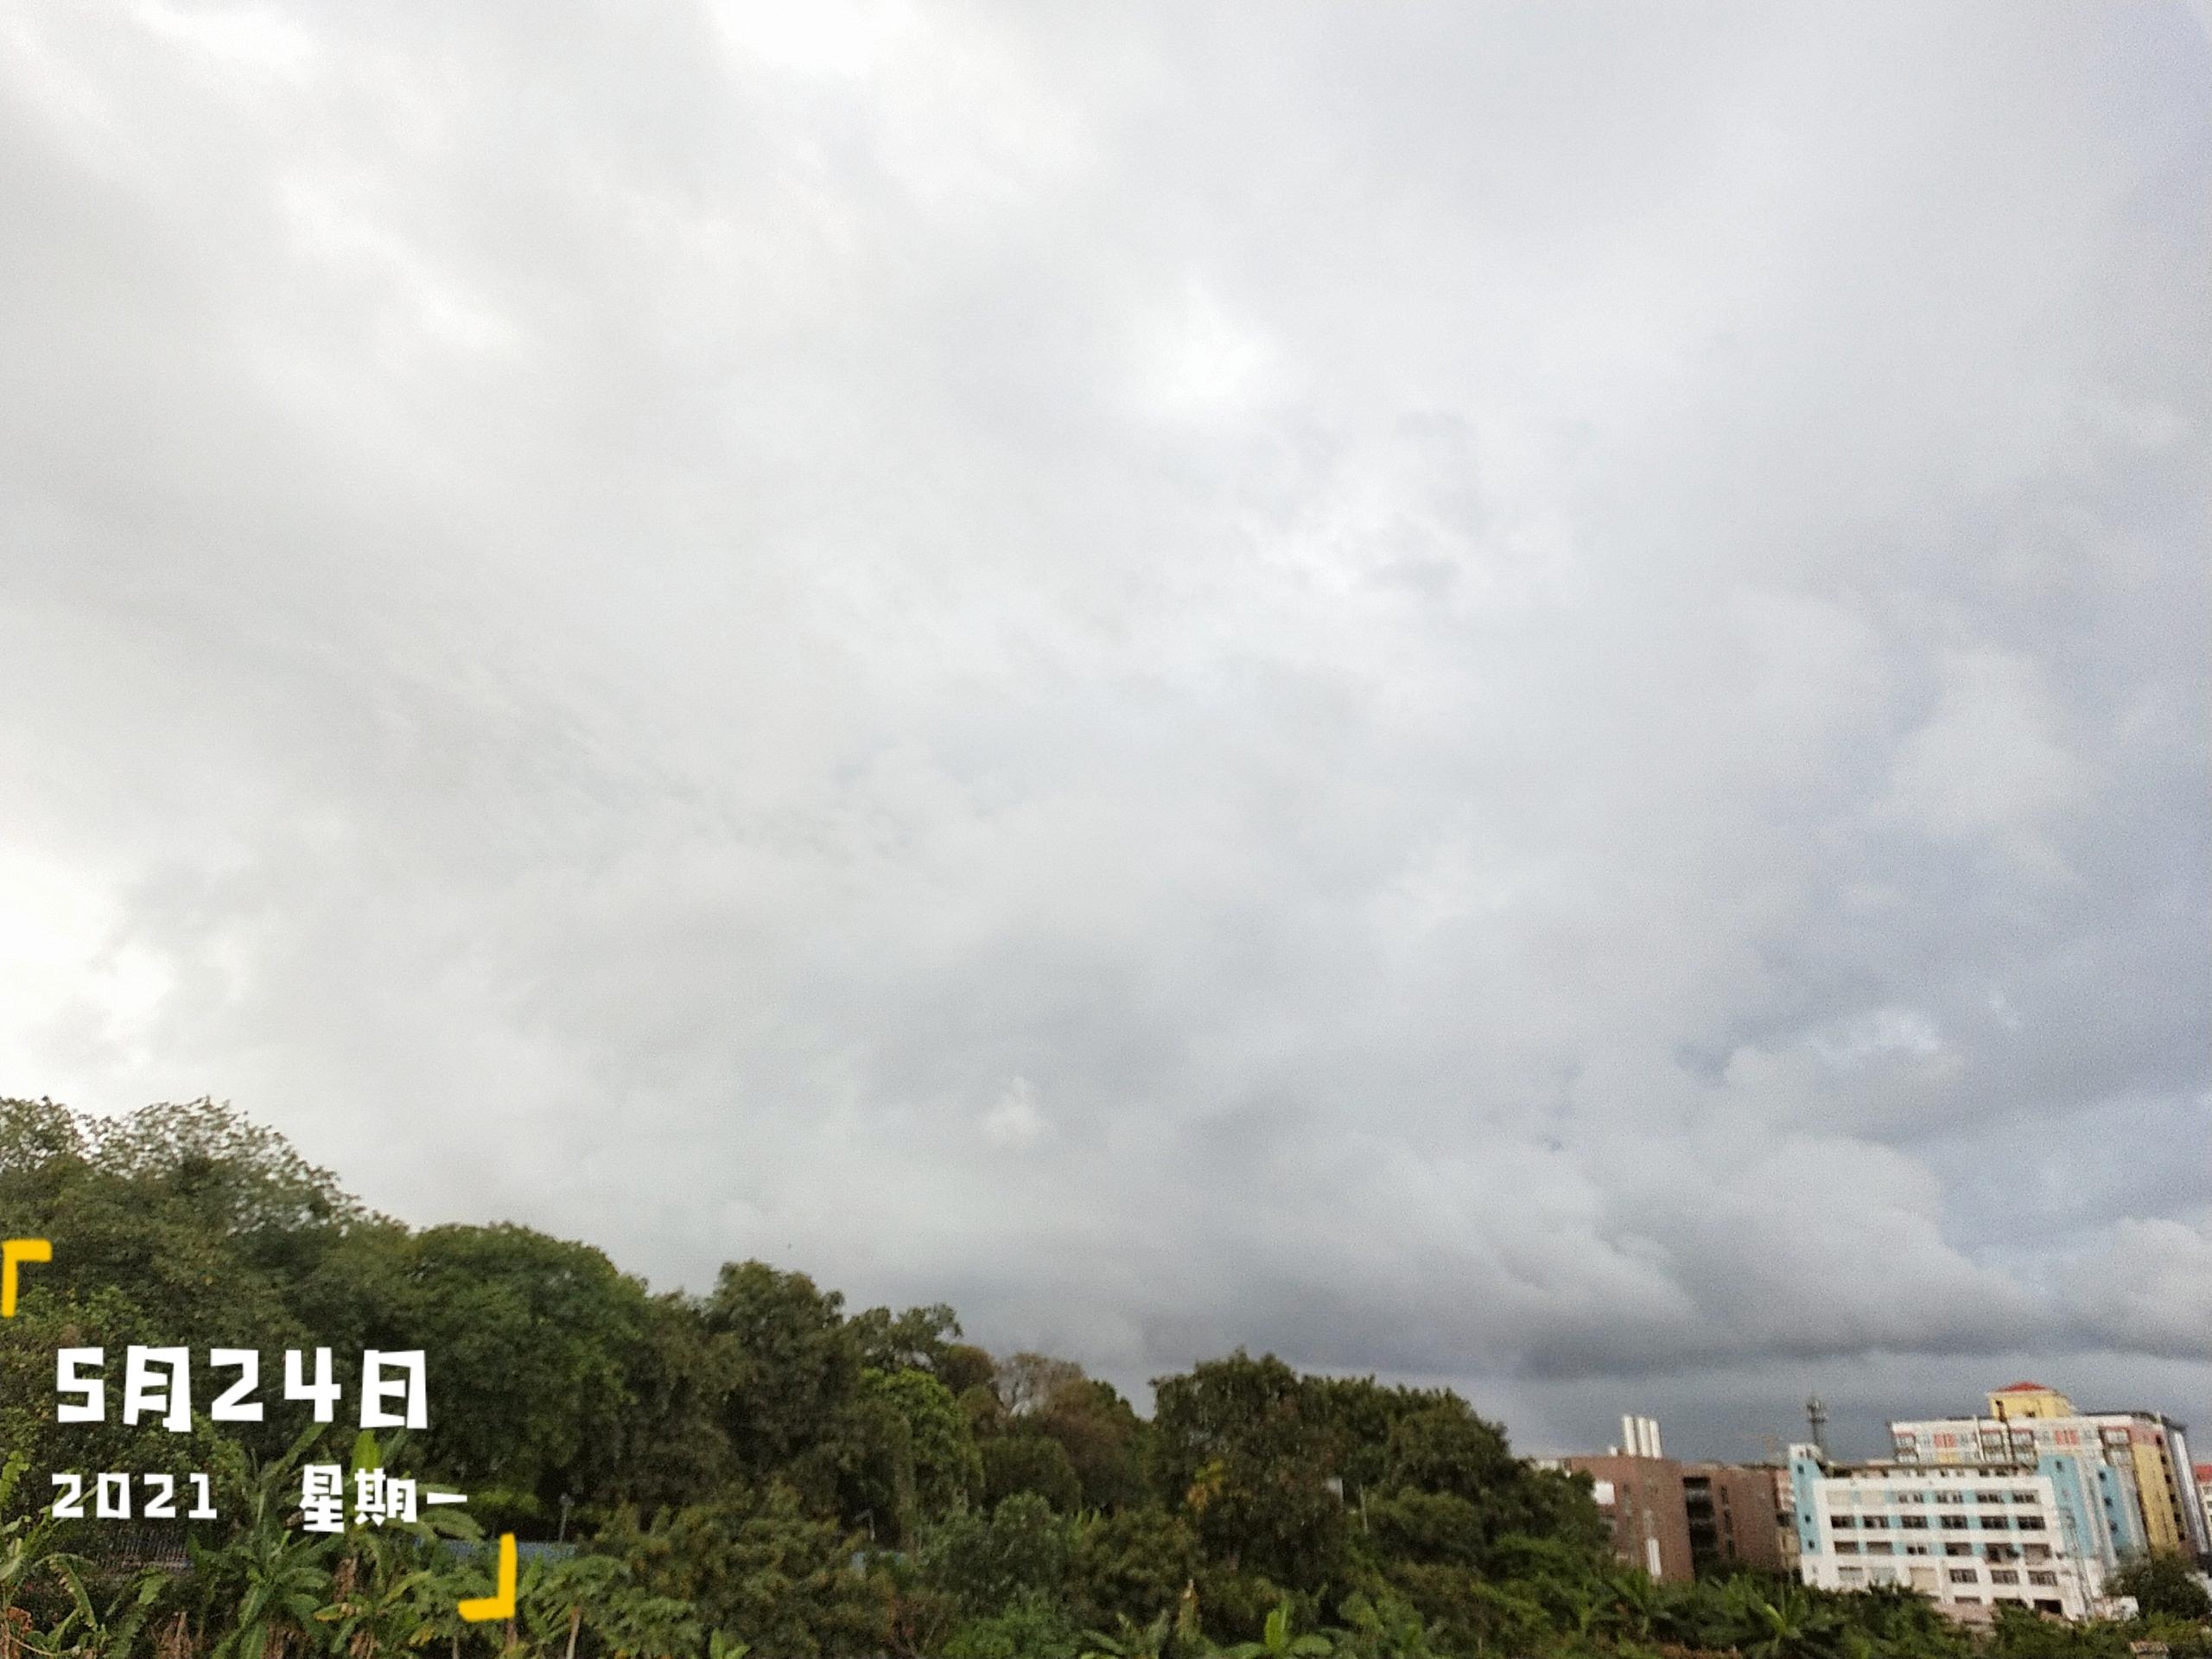 快落雨了。